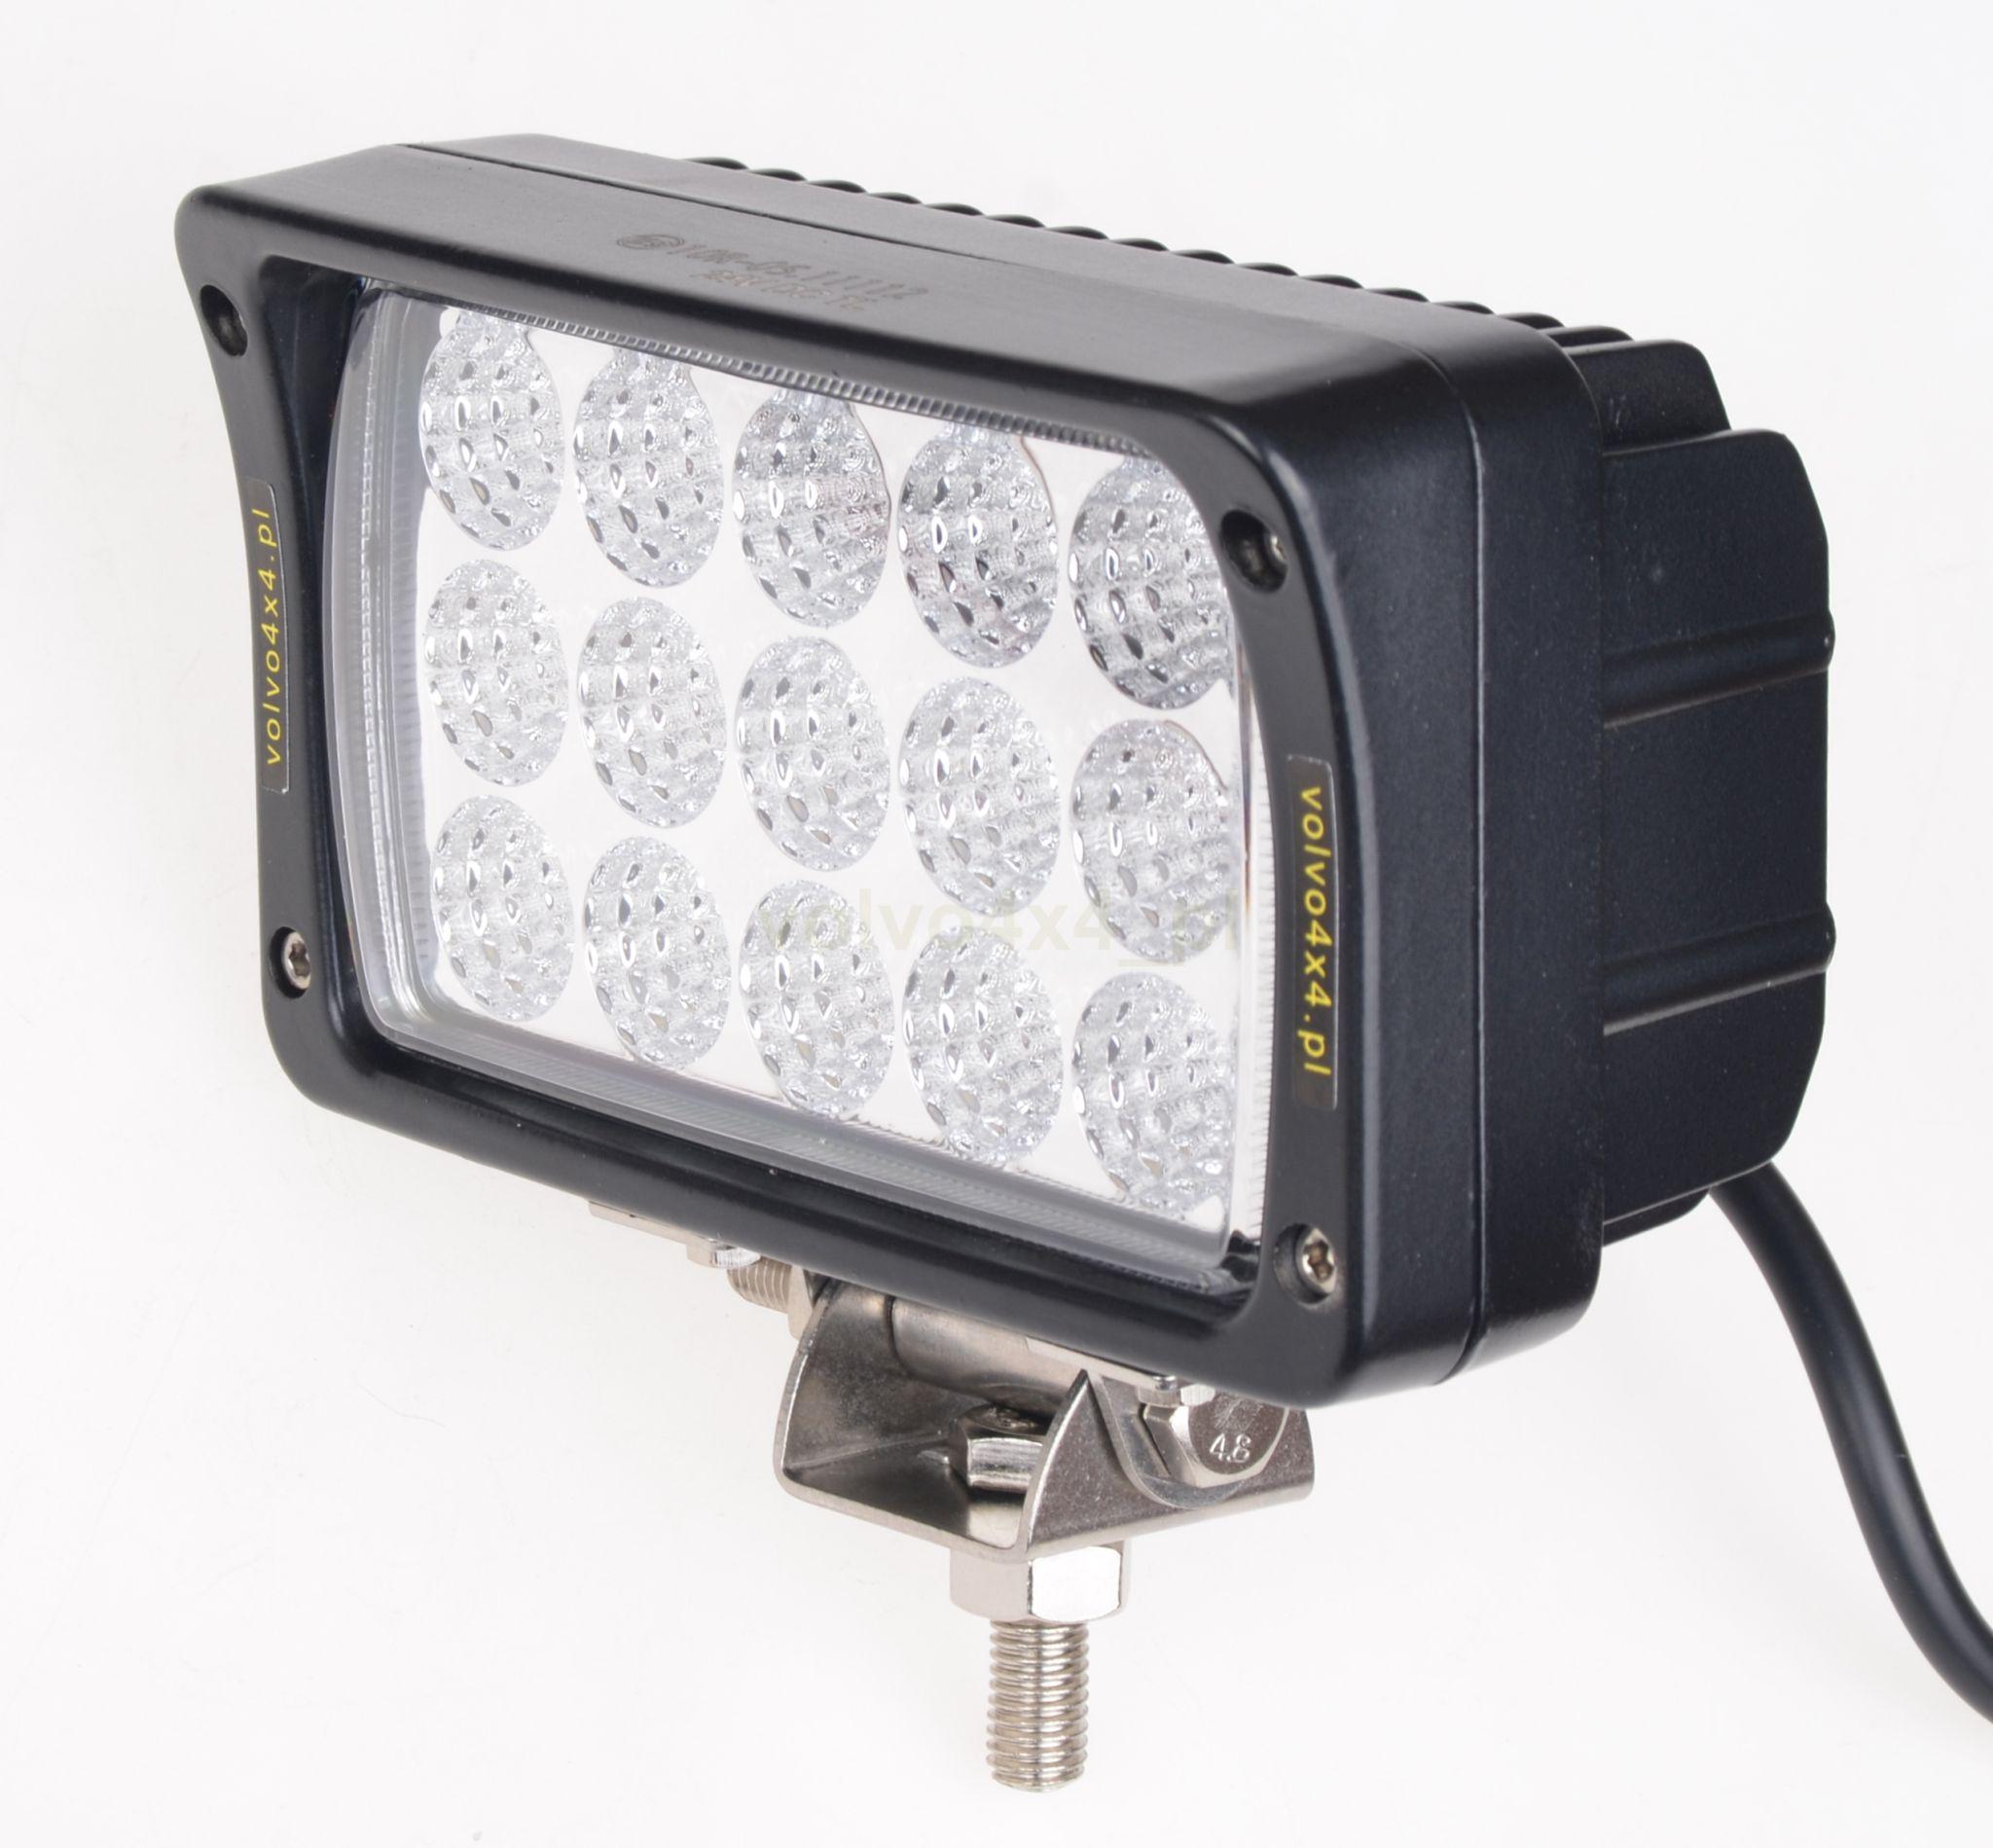 РАБОЧИЙ ГАЛОГЕН 15x LED 45W SUPER LAMP 12V 24V